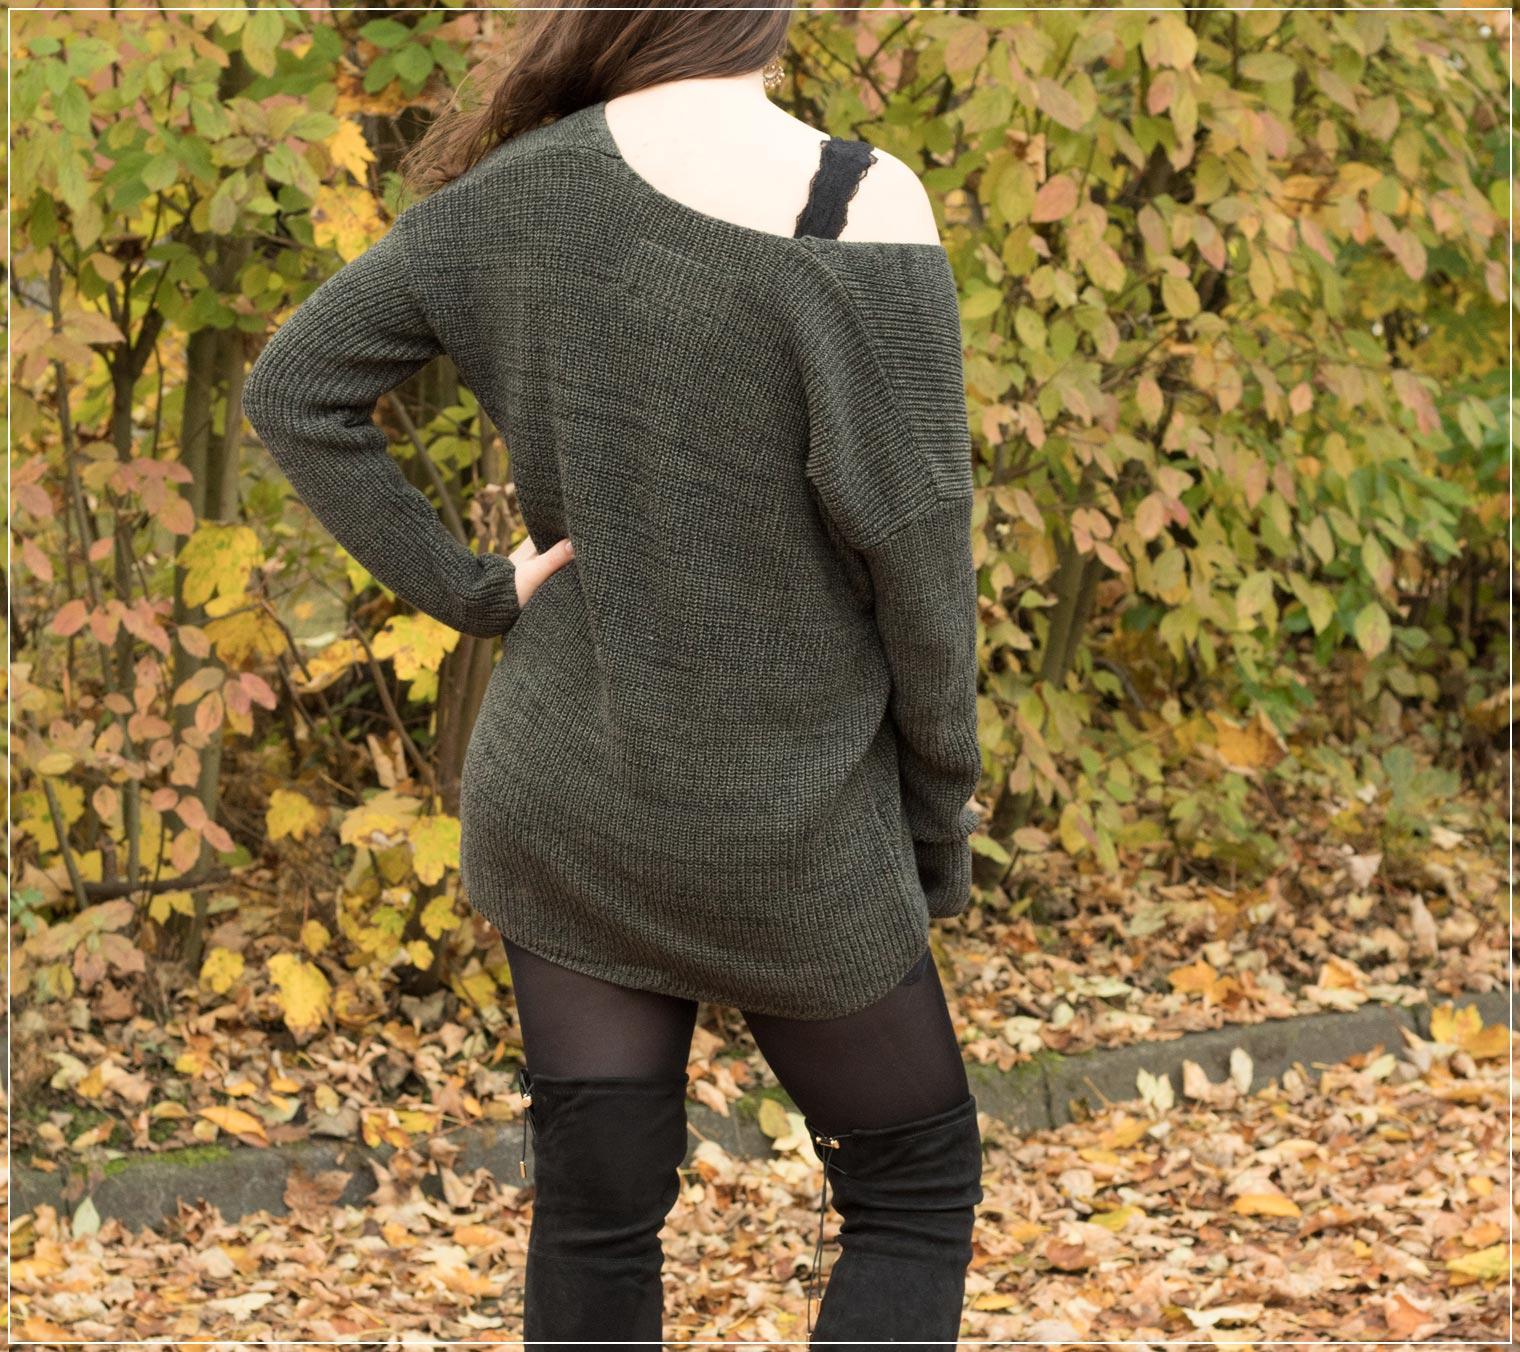 Strickpullover mit Overknees im Herbst